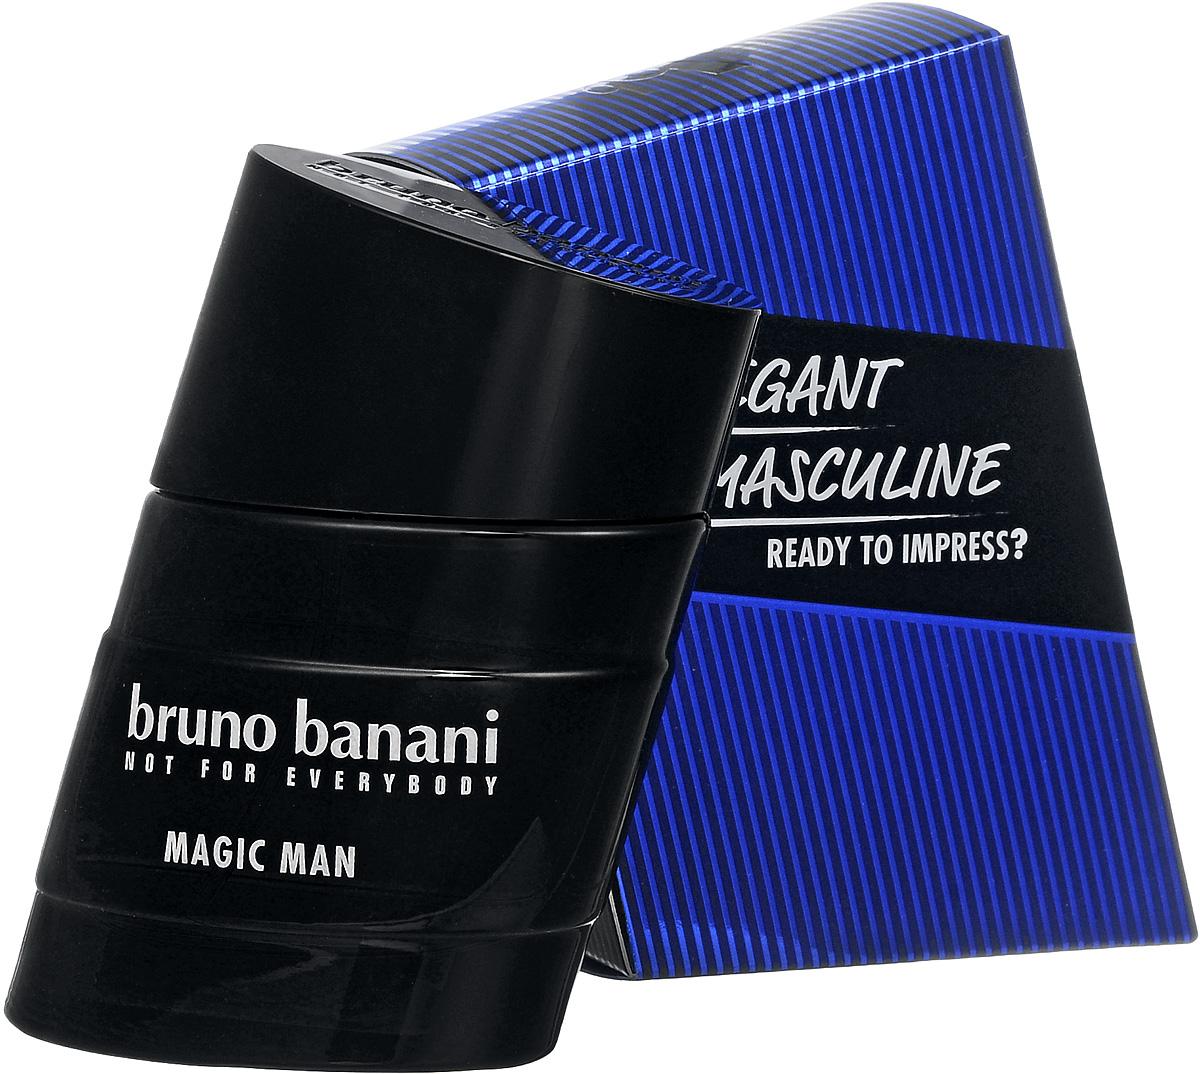 Bruno Banani Magic Man Туалетная вода 30 мл (новая упаковка)0730870138649Magic Man – новый мужской аромат от популярного немецкого дома моды Bruno Banani, известного своей экологически чистой продукцией. Аромат создан в 2008 году. Относится к группе ароматов древесные пряные. Аромат Magic Man Bruno Banani – это волшебное зелье, некая невидимая магическая материя, окутывающая кожу и притягивающая женские сердца своим природным запахом. Композиция аромата начинается нотами специй, джина и кардамона из Гватемалы, плавно растворяясь в нотах сердца: цикламене, какао и бархотке. К концу дня вы ощутите на своей коже устойчивый шлейф из нот пачули и амбры. Верхняя нота: Джин. Средняя нота: Бархатцы, Цикламен, Какао. Шлейф: Амбра, Пачули. Теплое древесное сердце аромата, яркий аккорд джина и неповторимый ладан. Дневной и вечерний аромат.